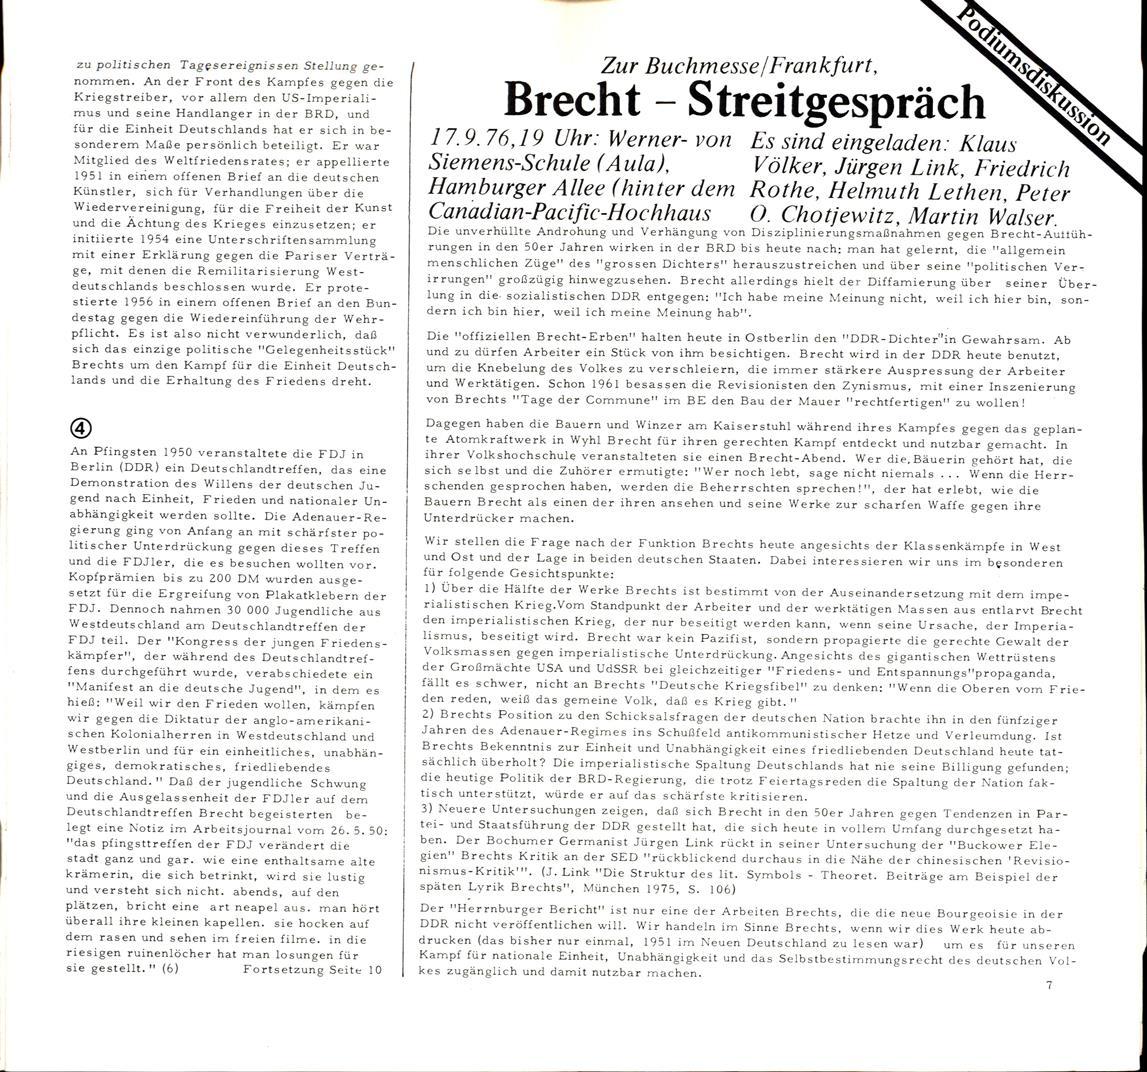 VSK_Kaempfende_Kunst_19760900_07